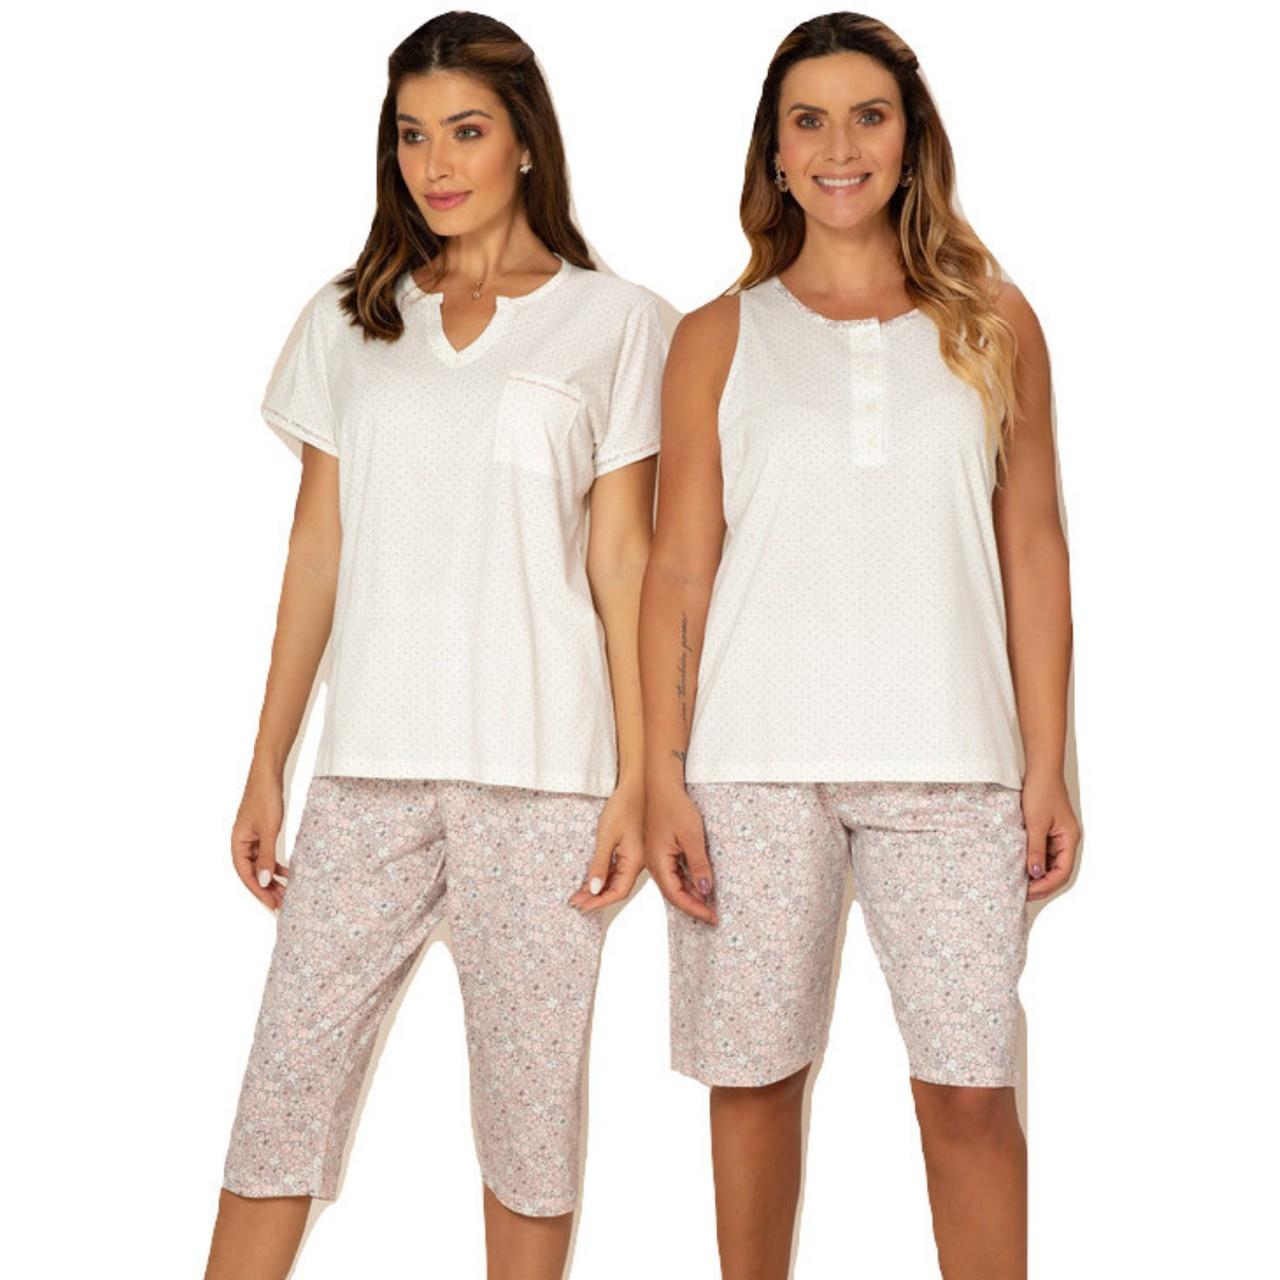 Pijama feminino verão blusa regata lisa bermuda algodão